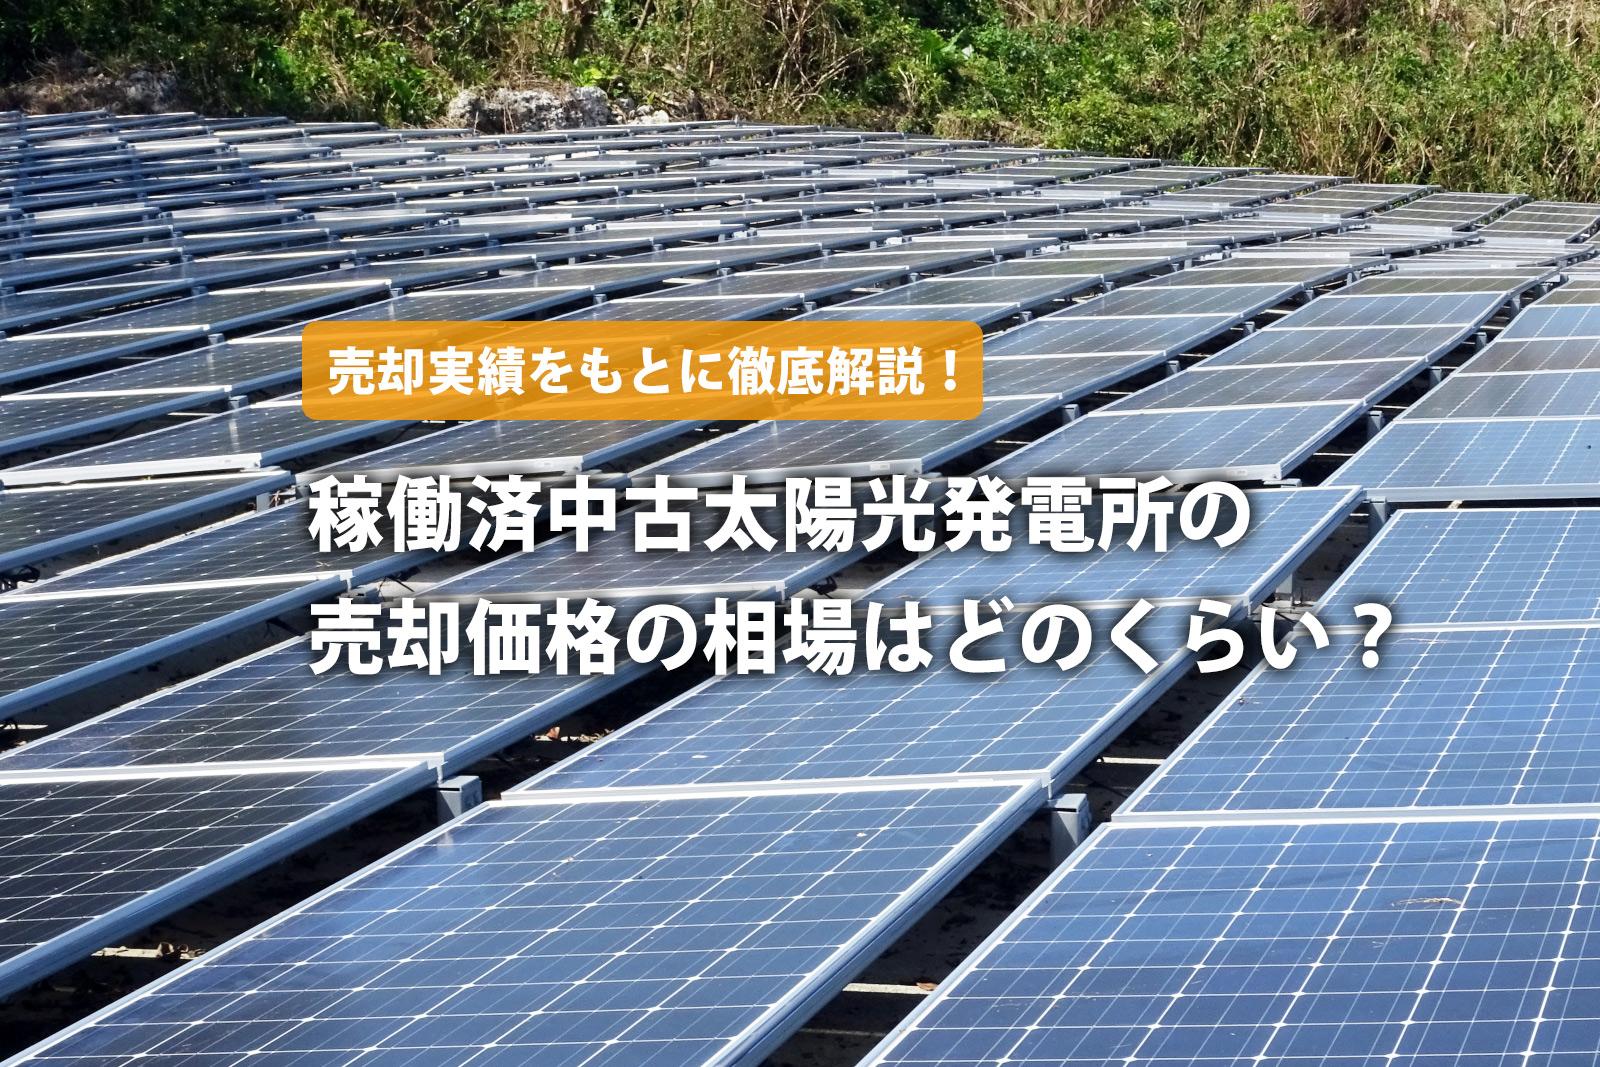 稼働済中古太陽光発電所の売却価格の相場はどのくらい?売却実績をもとに徹底解説!